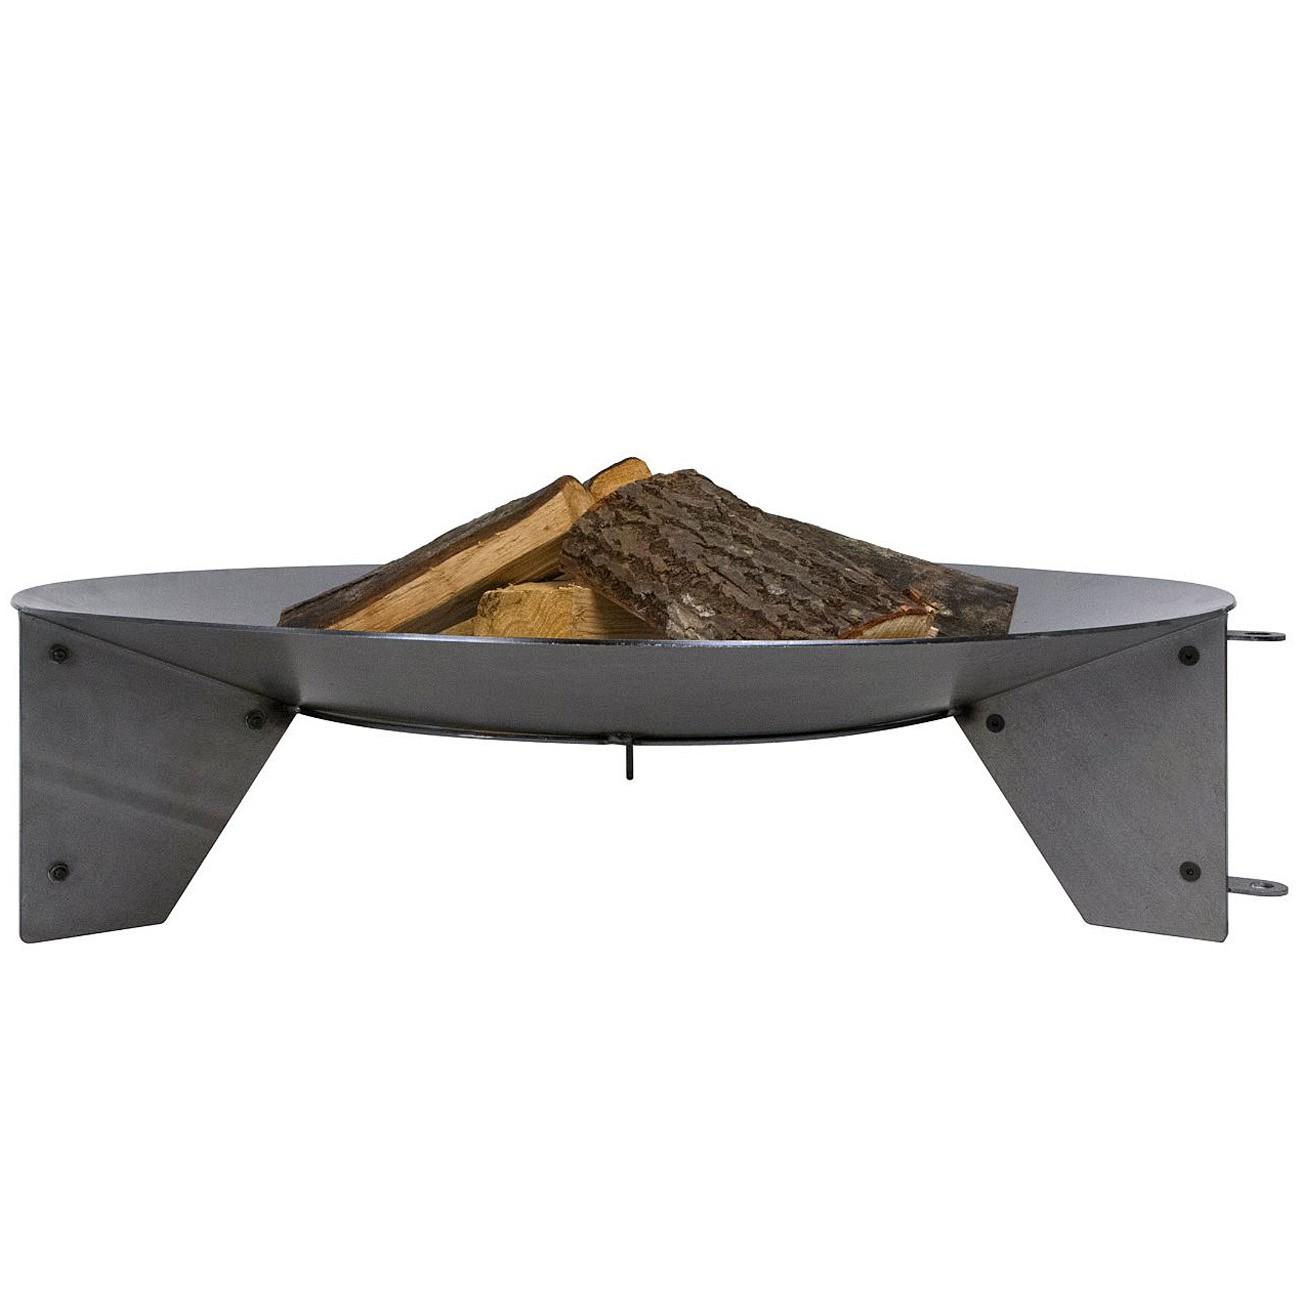 keilbach feuerstelle grill aura stahl rostend mit grillrost feuer grill feuerstellen. Black Bedroom Furniture Sets. Home Design Ideas